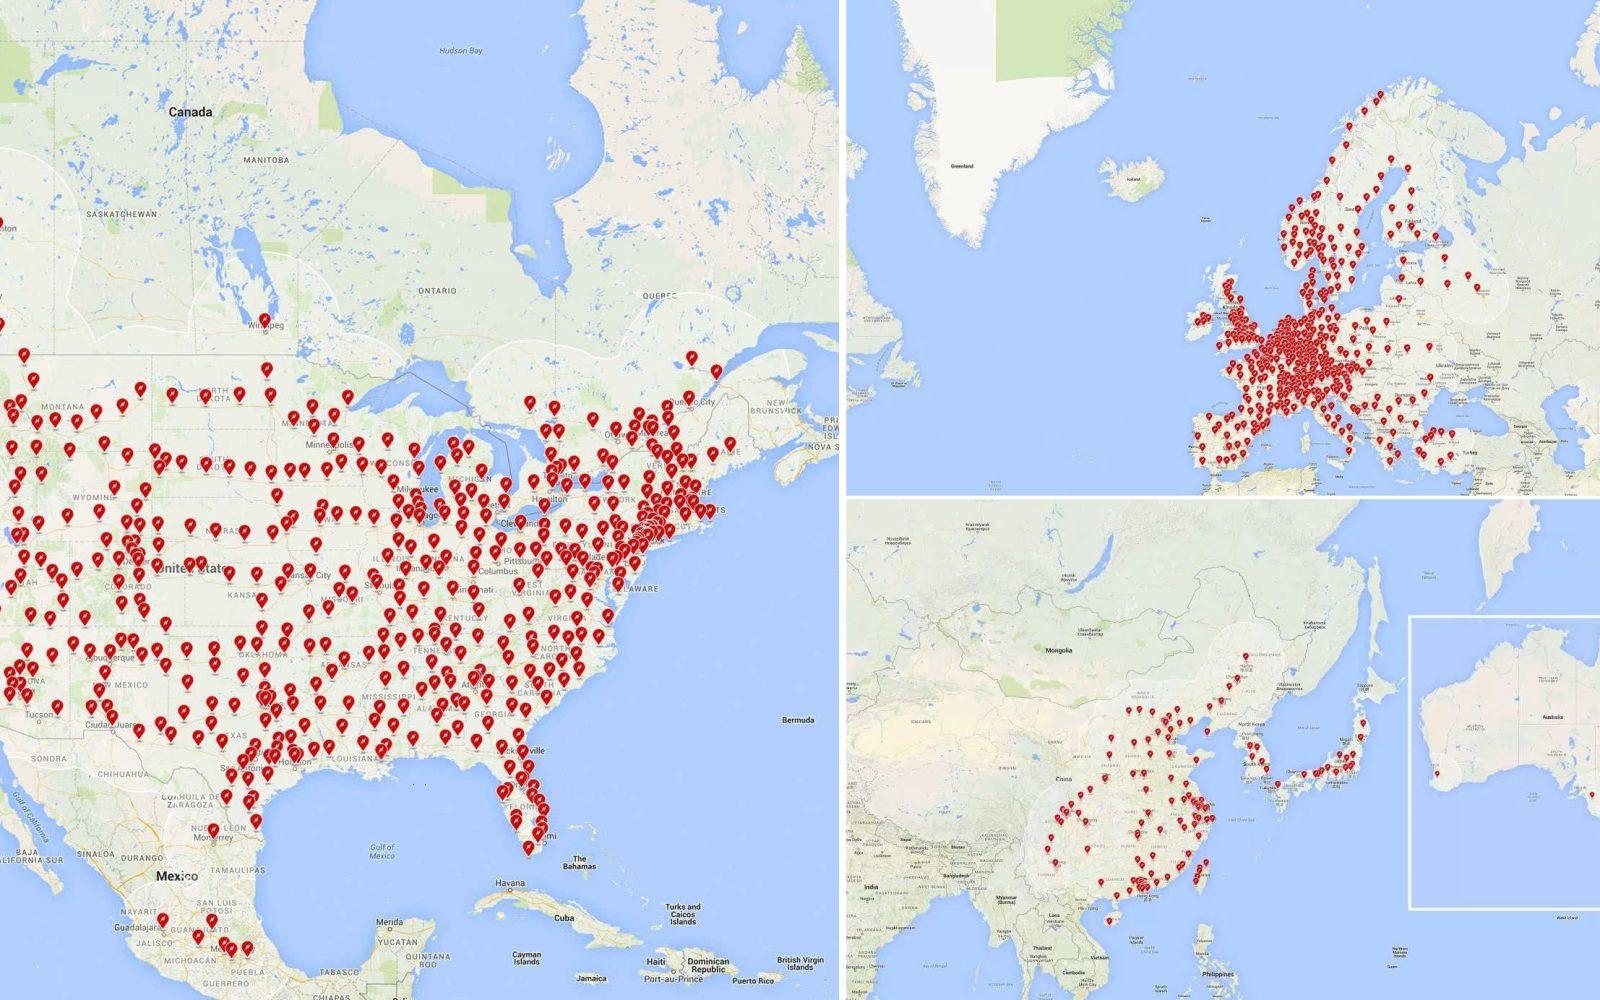 Tesla unveils its 2017 Supercharger network expansion plans - Electrek